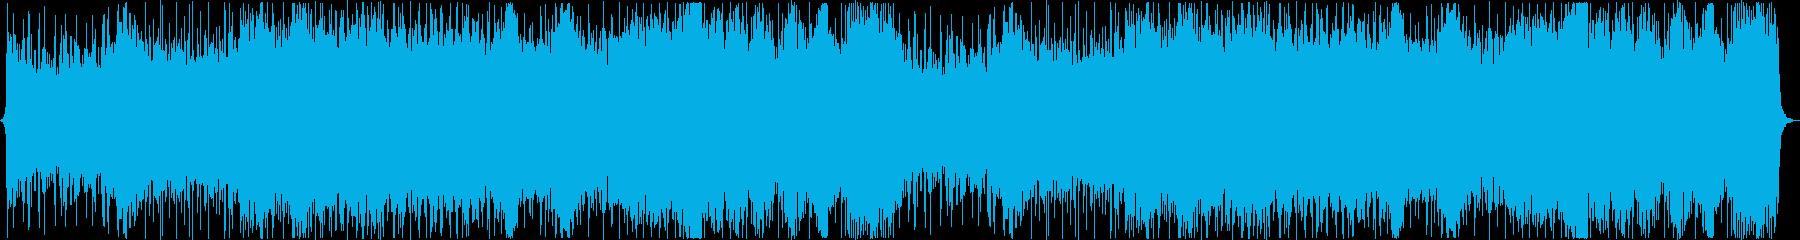 壮大なシネマティック戦闘曲の再生済みの波形